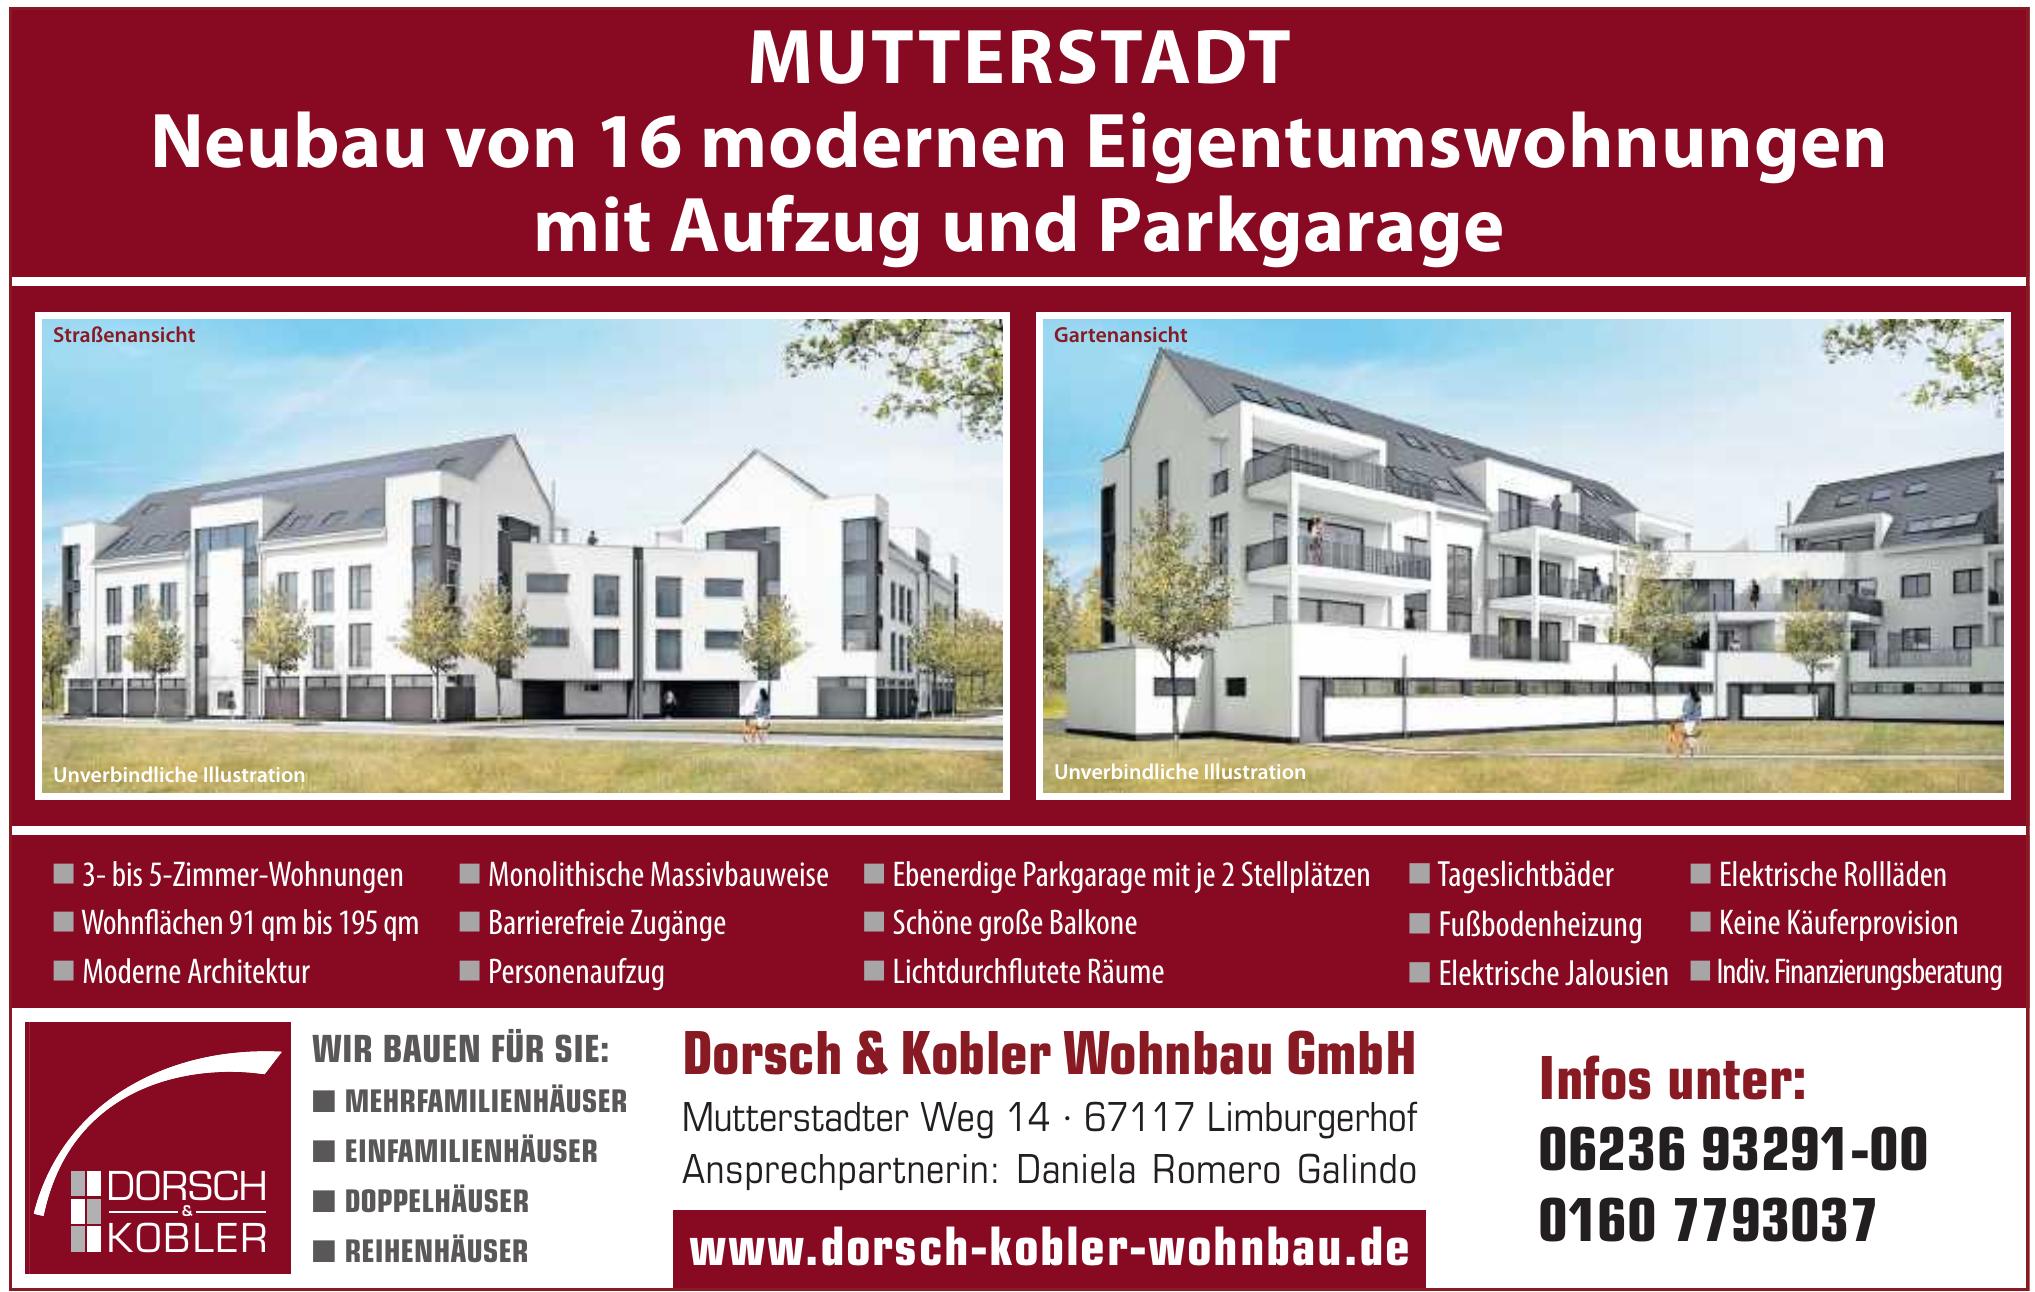 Dorsch & Kobler Wohnbau GmbH